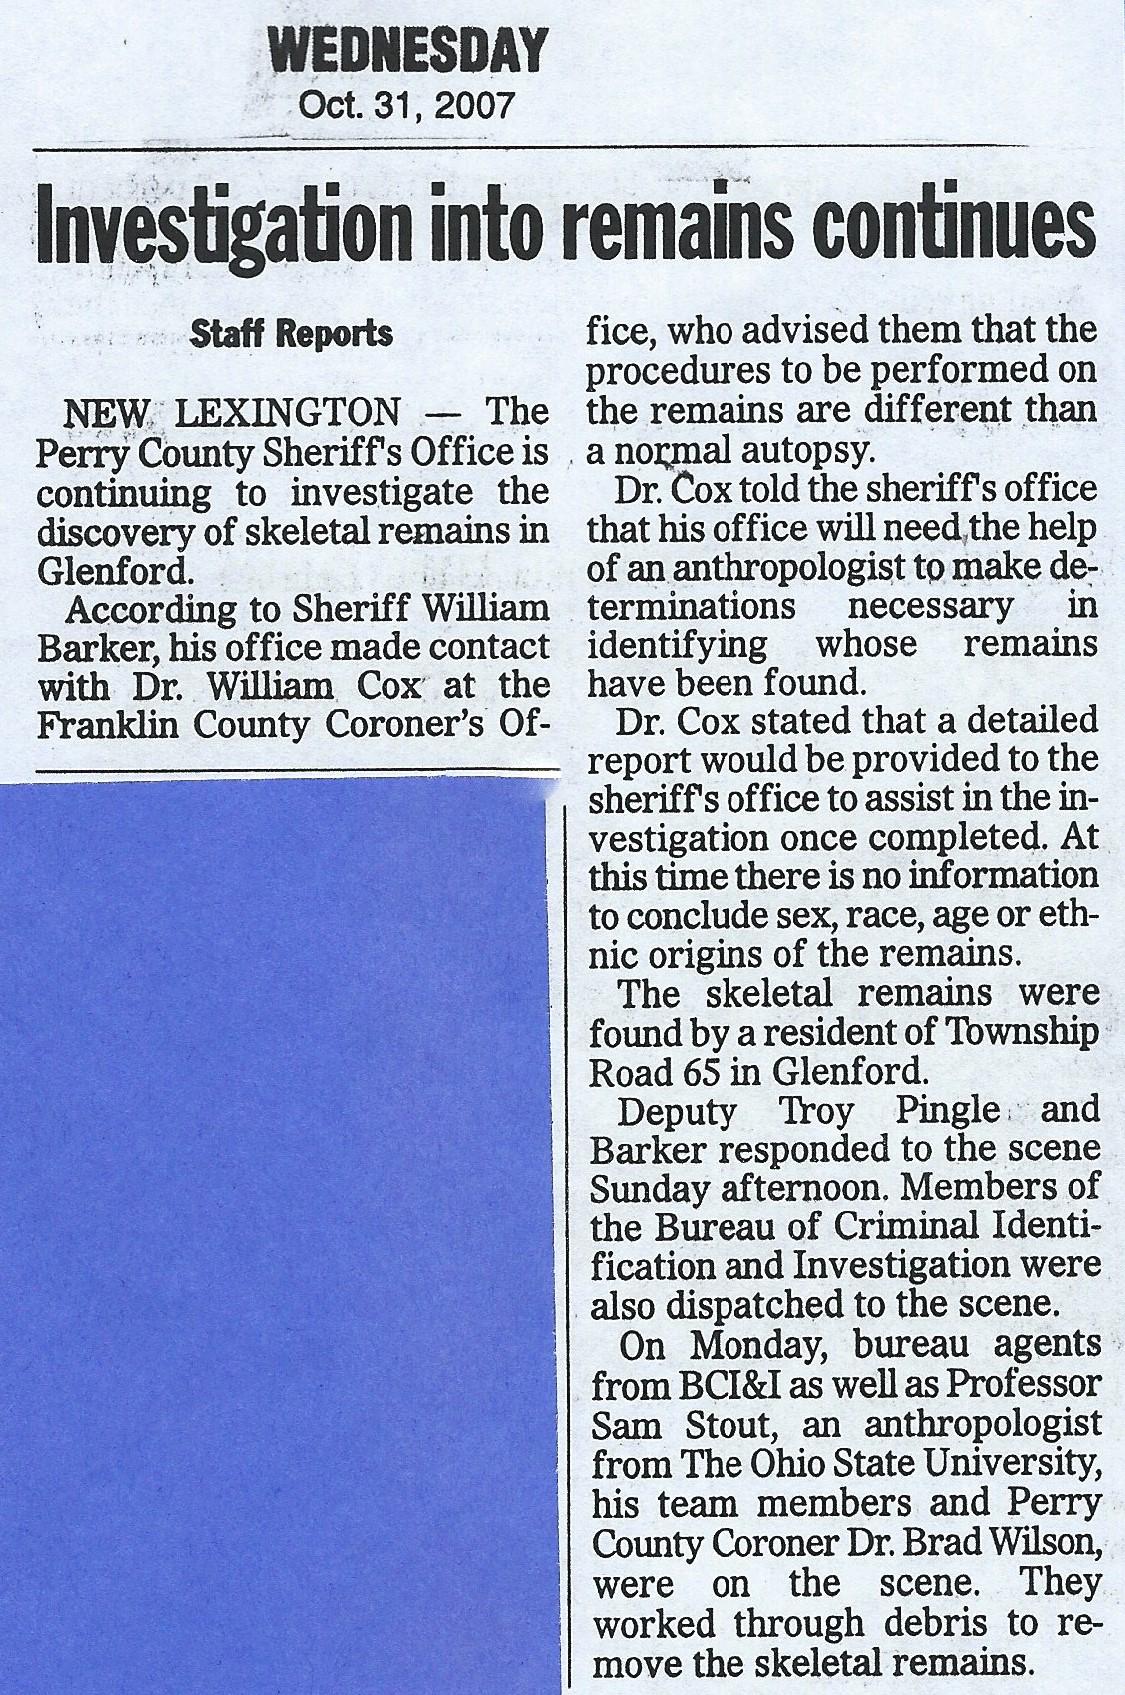 investigations continues